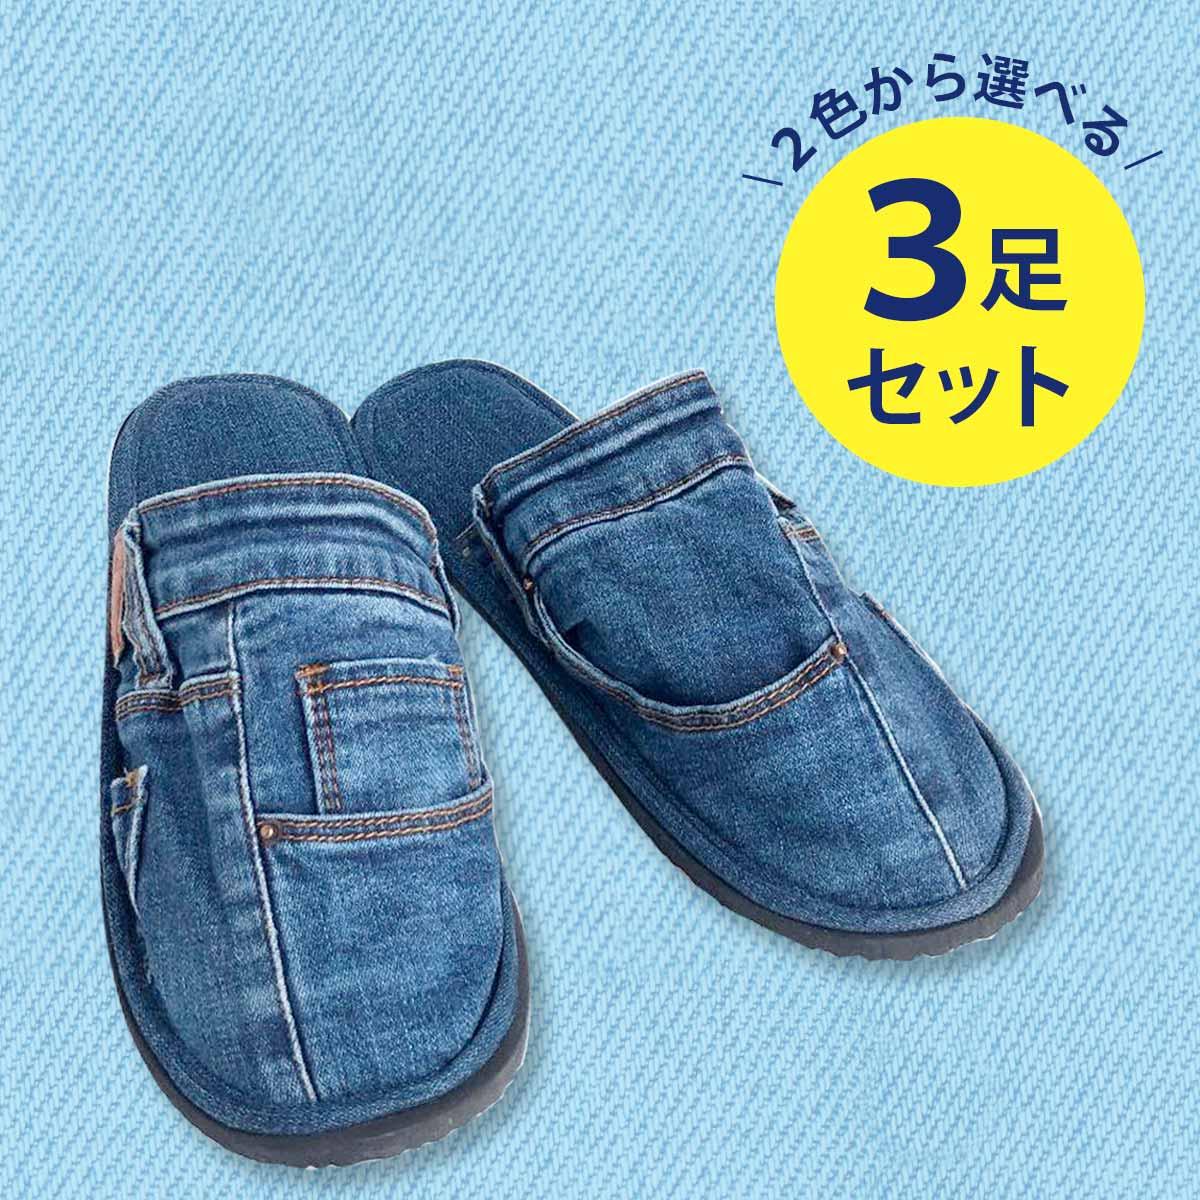 【3足セット】 リメイクデニムスリッパ(2色から選択可)